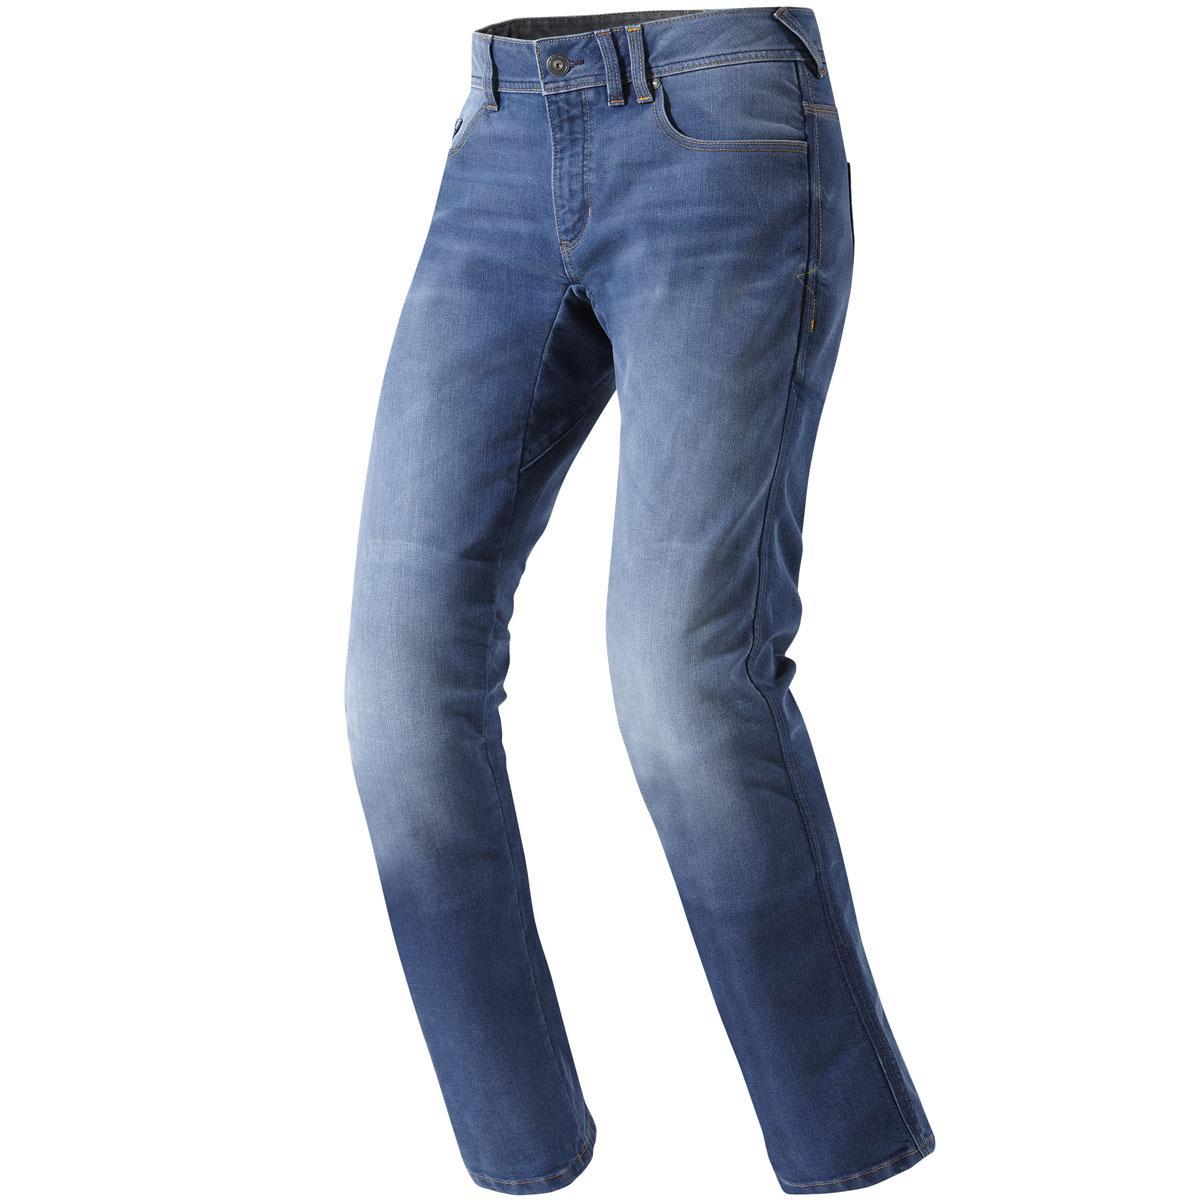 Джинсовые брюки Revit Jersey р.32 L34 (с кевларовыми вставками) текстиль light blue